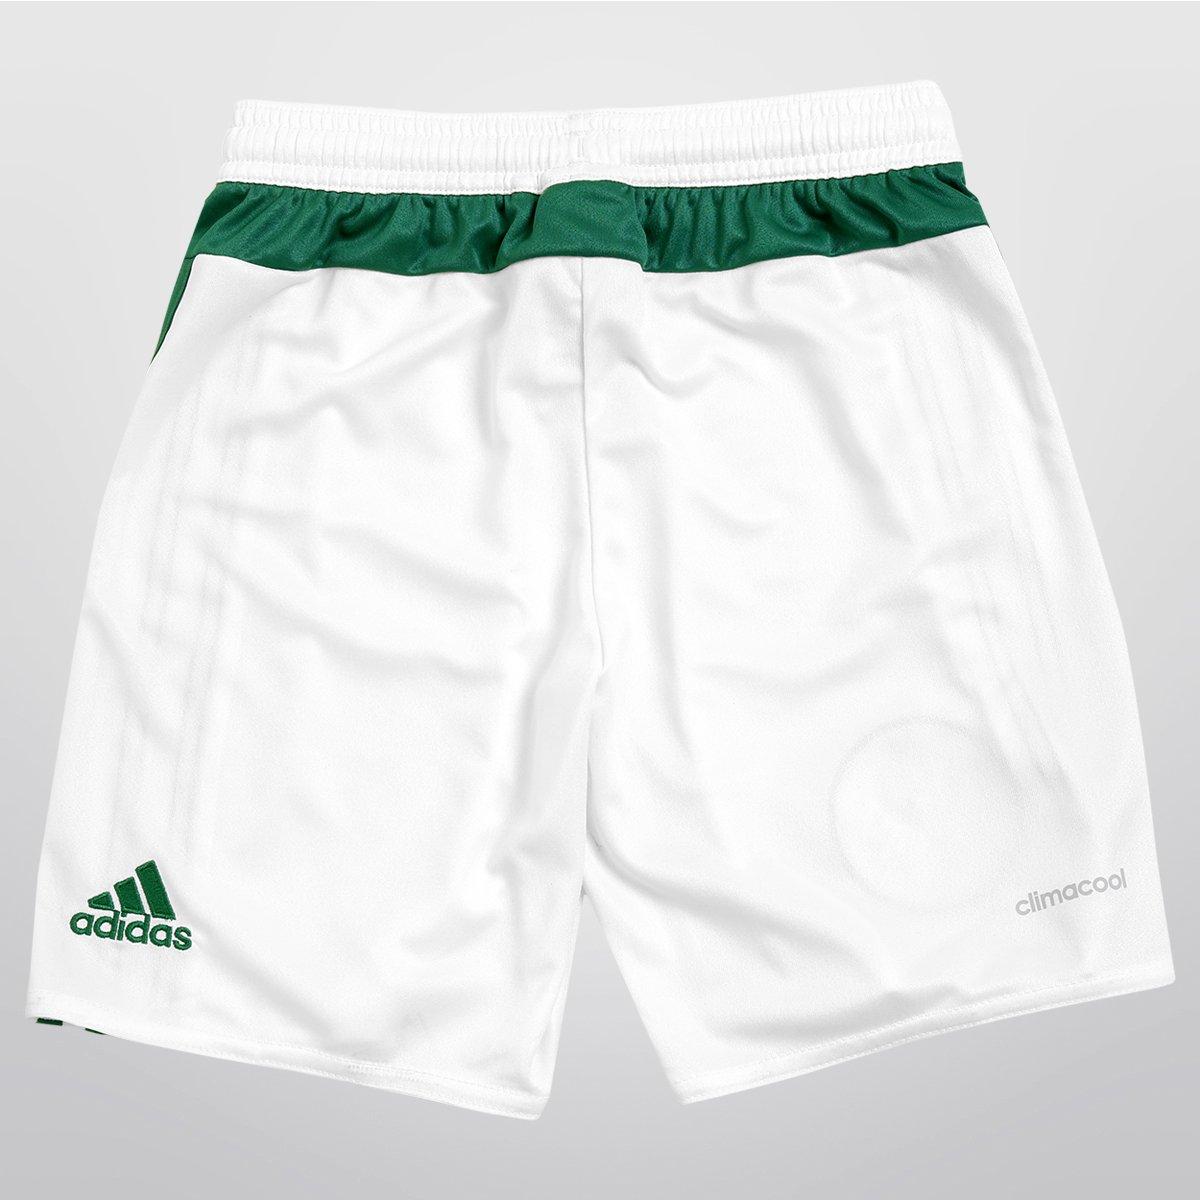 Calção Adidas Palmeiras 2015 Infantil  Calção Adidas Palmeiras 2015  Infantil ... 6e8249910bb8e